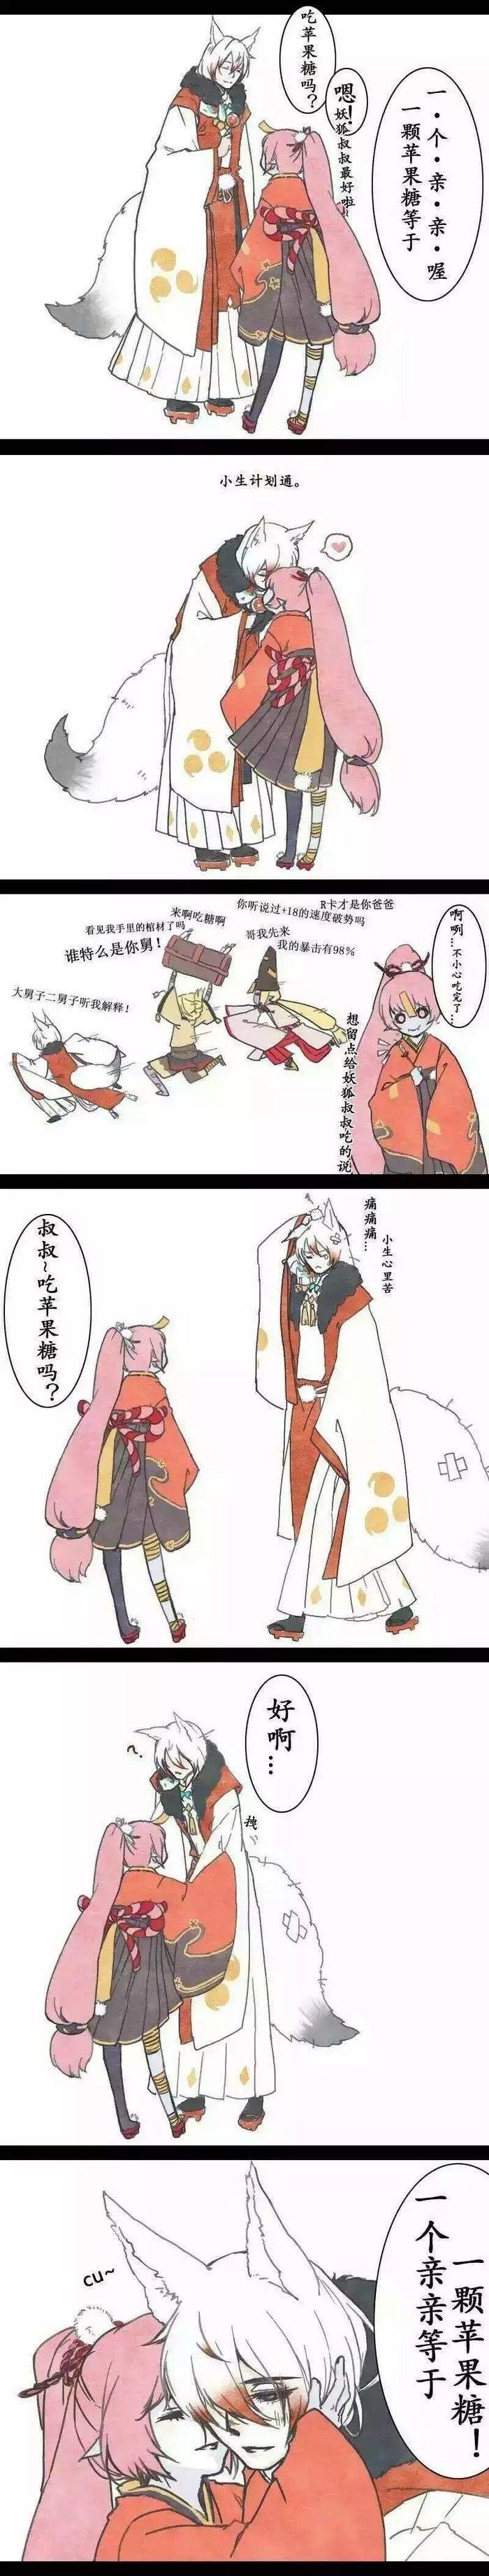 阴阳师 妖狐x跳跳妹妹 一个苹果糖换一个亲亲w超可爱w